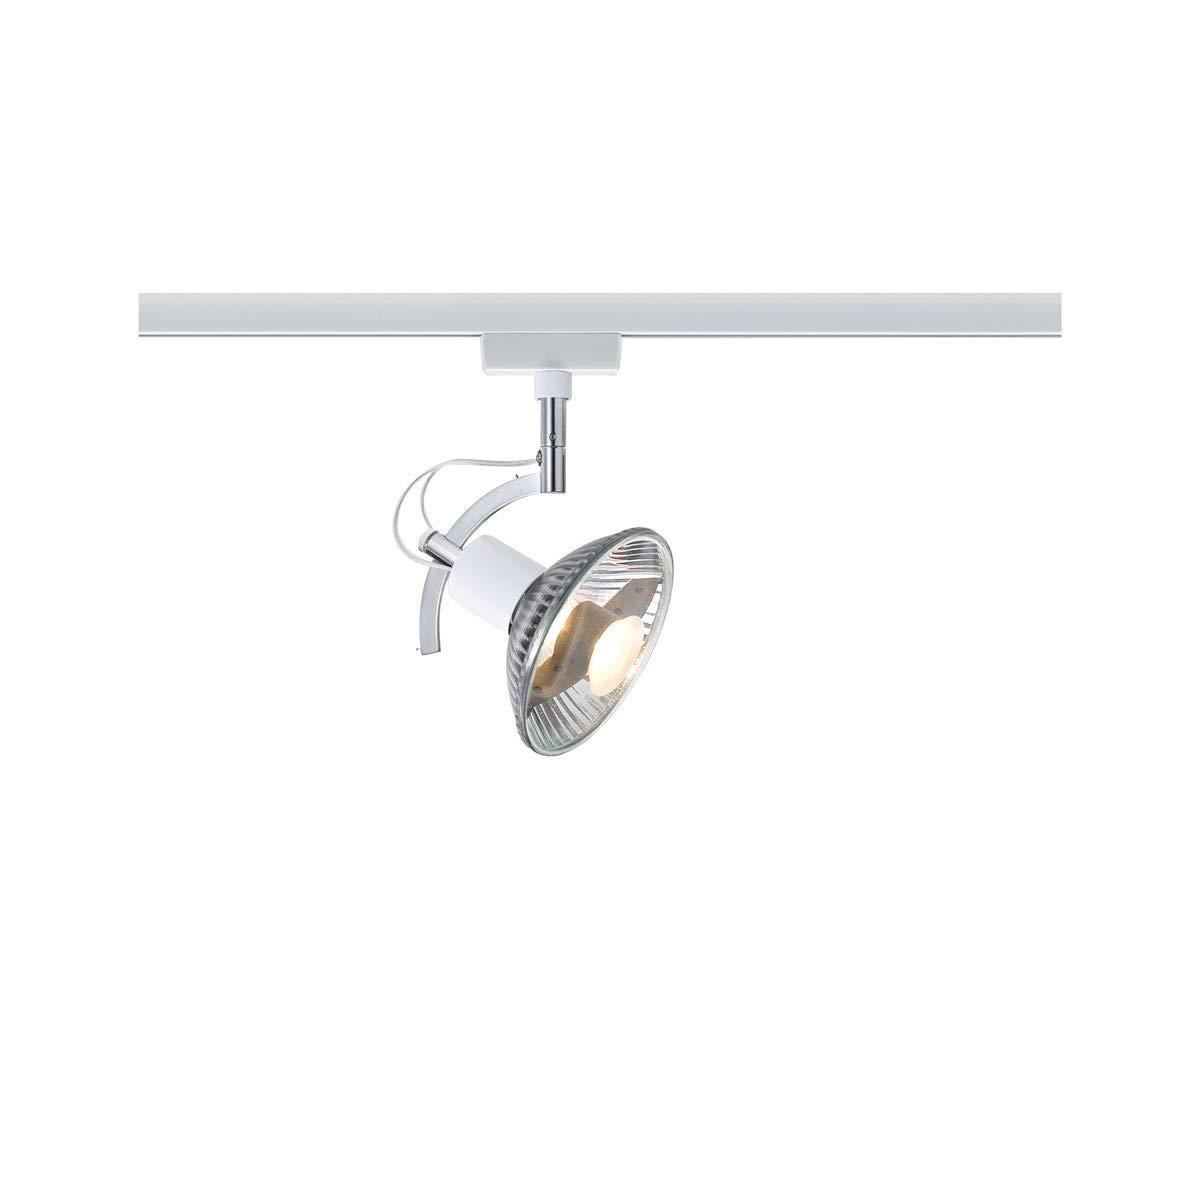 Paulmann 97691 URail Schienenleuchte System Light&Easy Spot Roncalli 1x50W GU10 Weiß 230V Metall Stromschienensystem, 20 x 20 x 30 cm